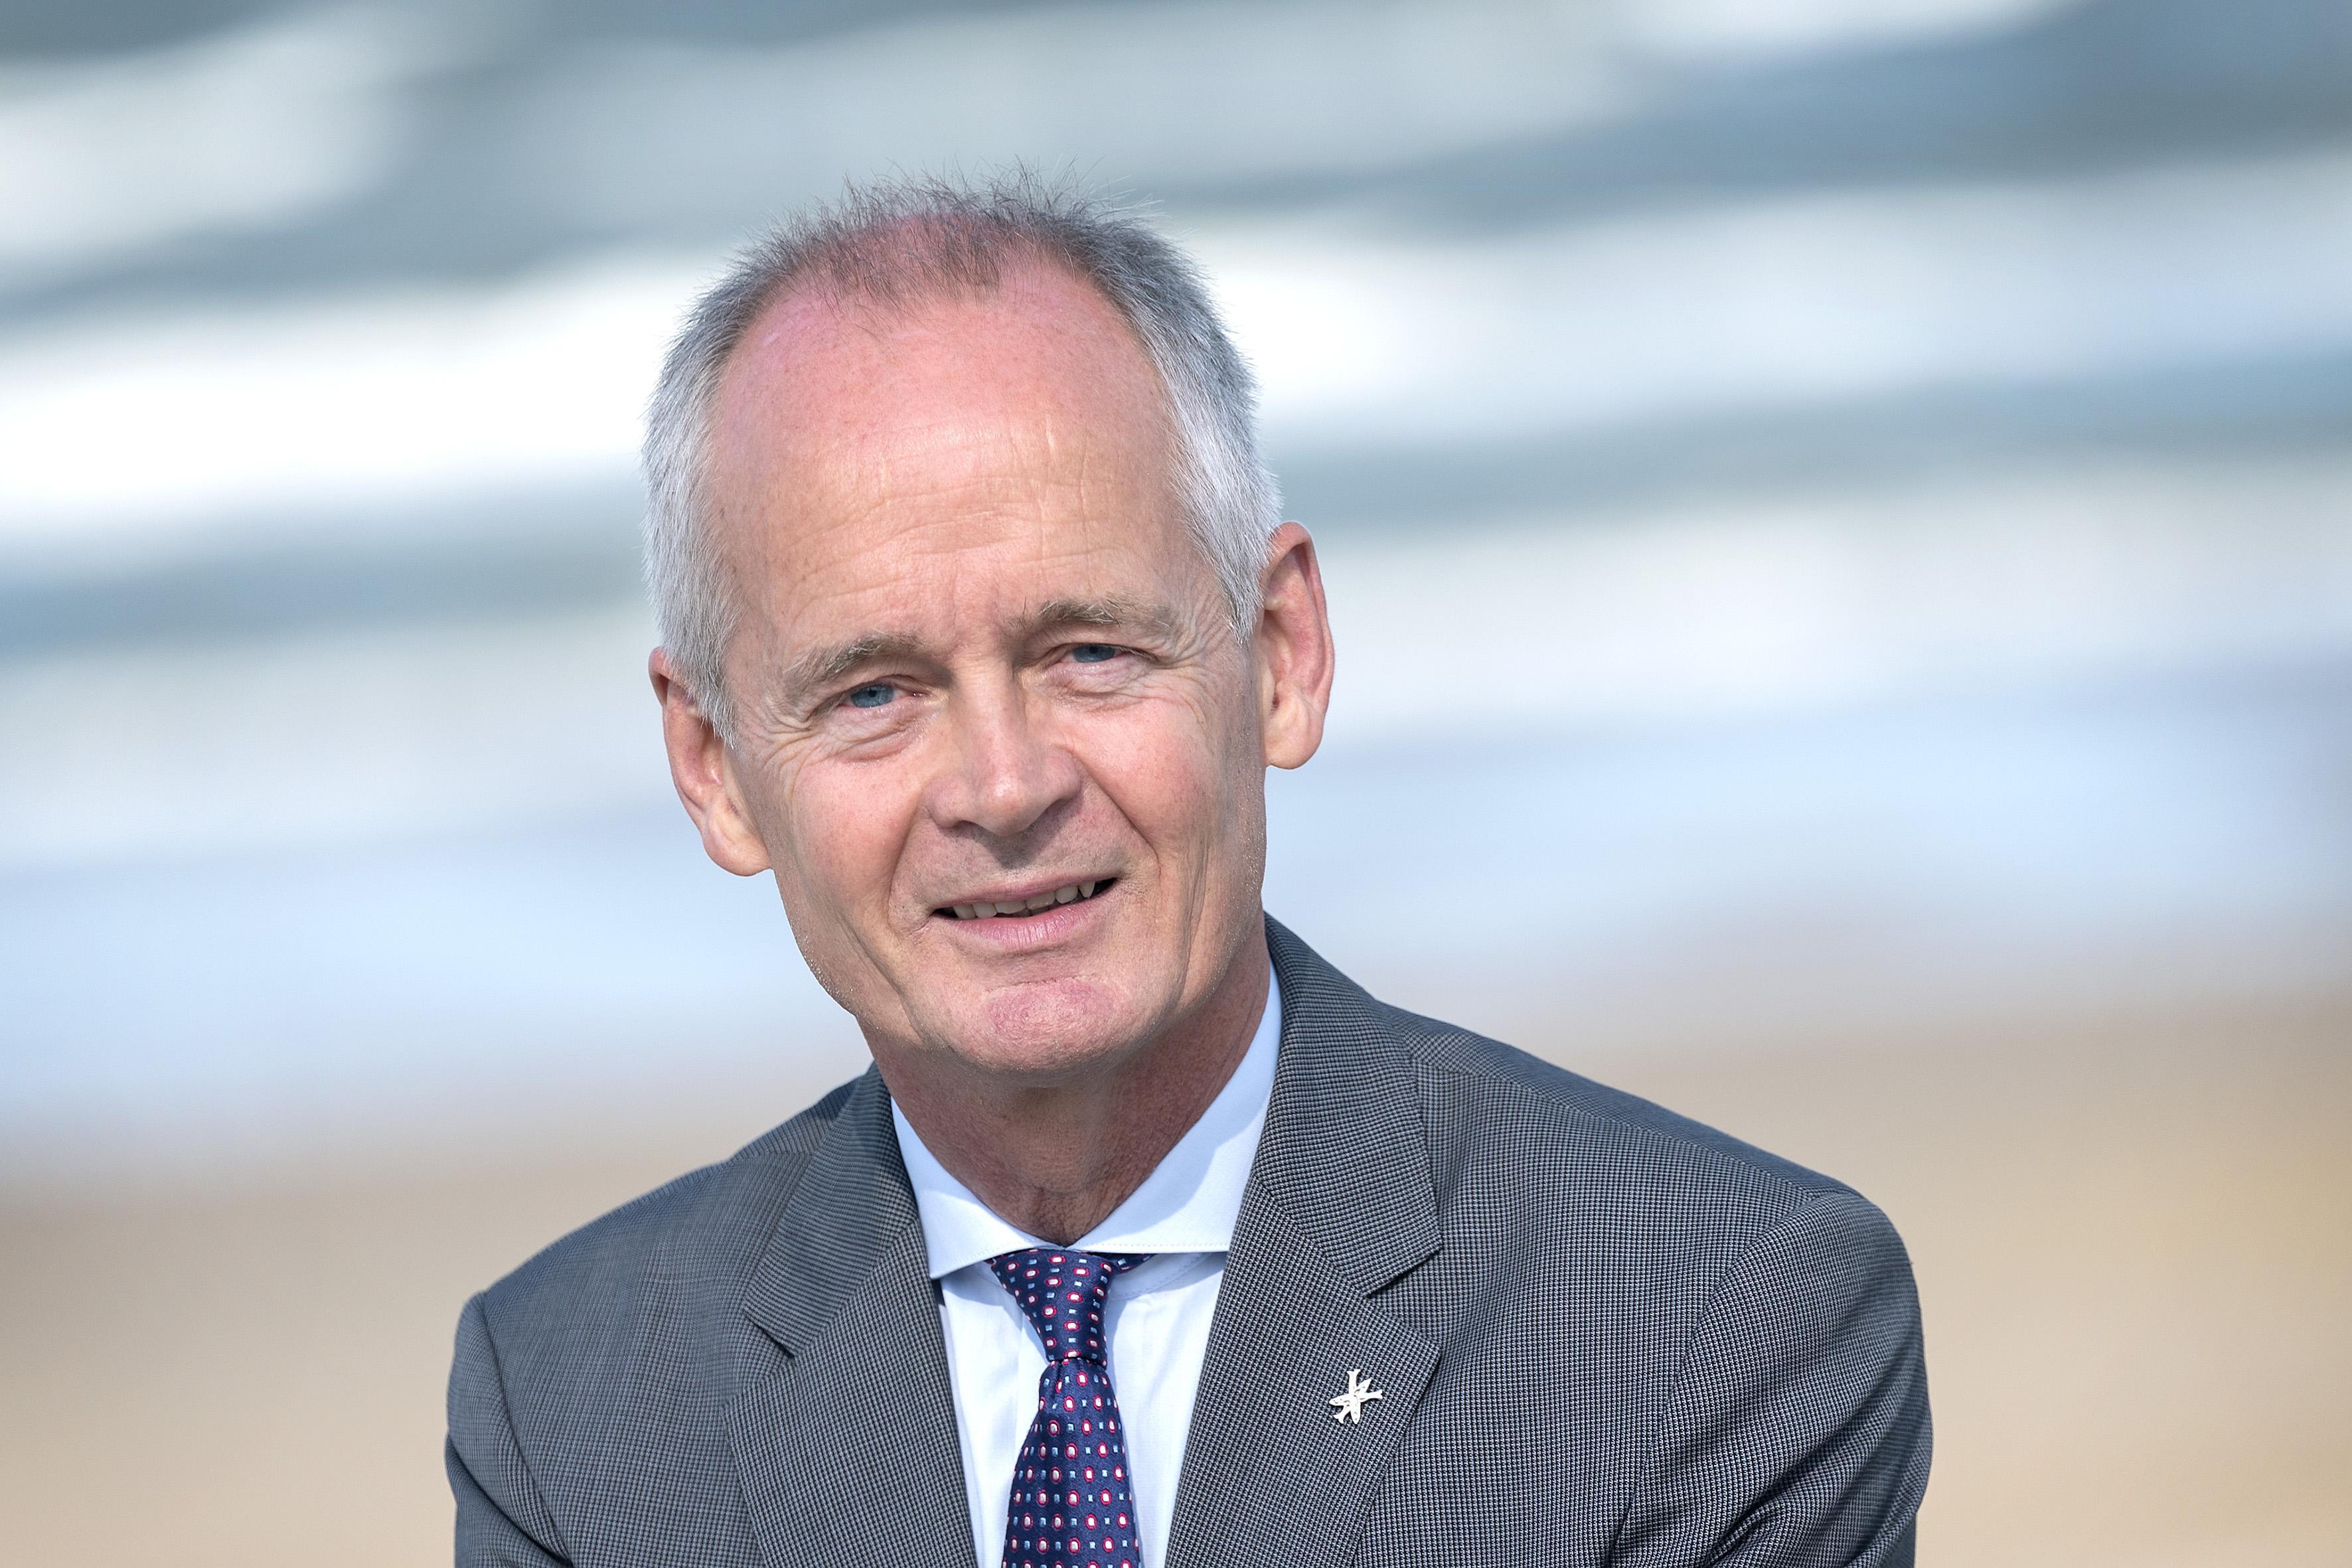 De twaalf tropenjaren van burgemeester Niek Meijer in mooi maar lastig Zandvoort: 'Er zijn mensen die dachten dat ik een watje ben. Welnu: het tegendeel is waar'